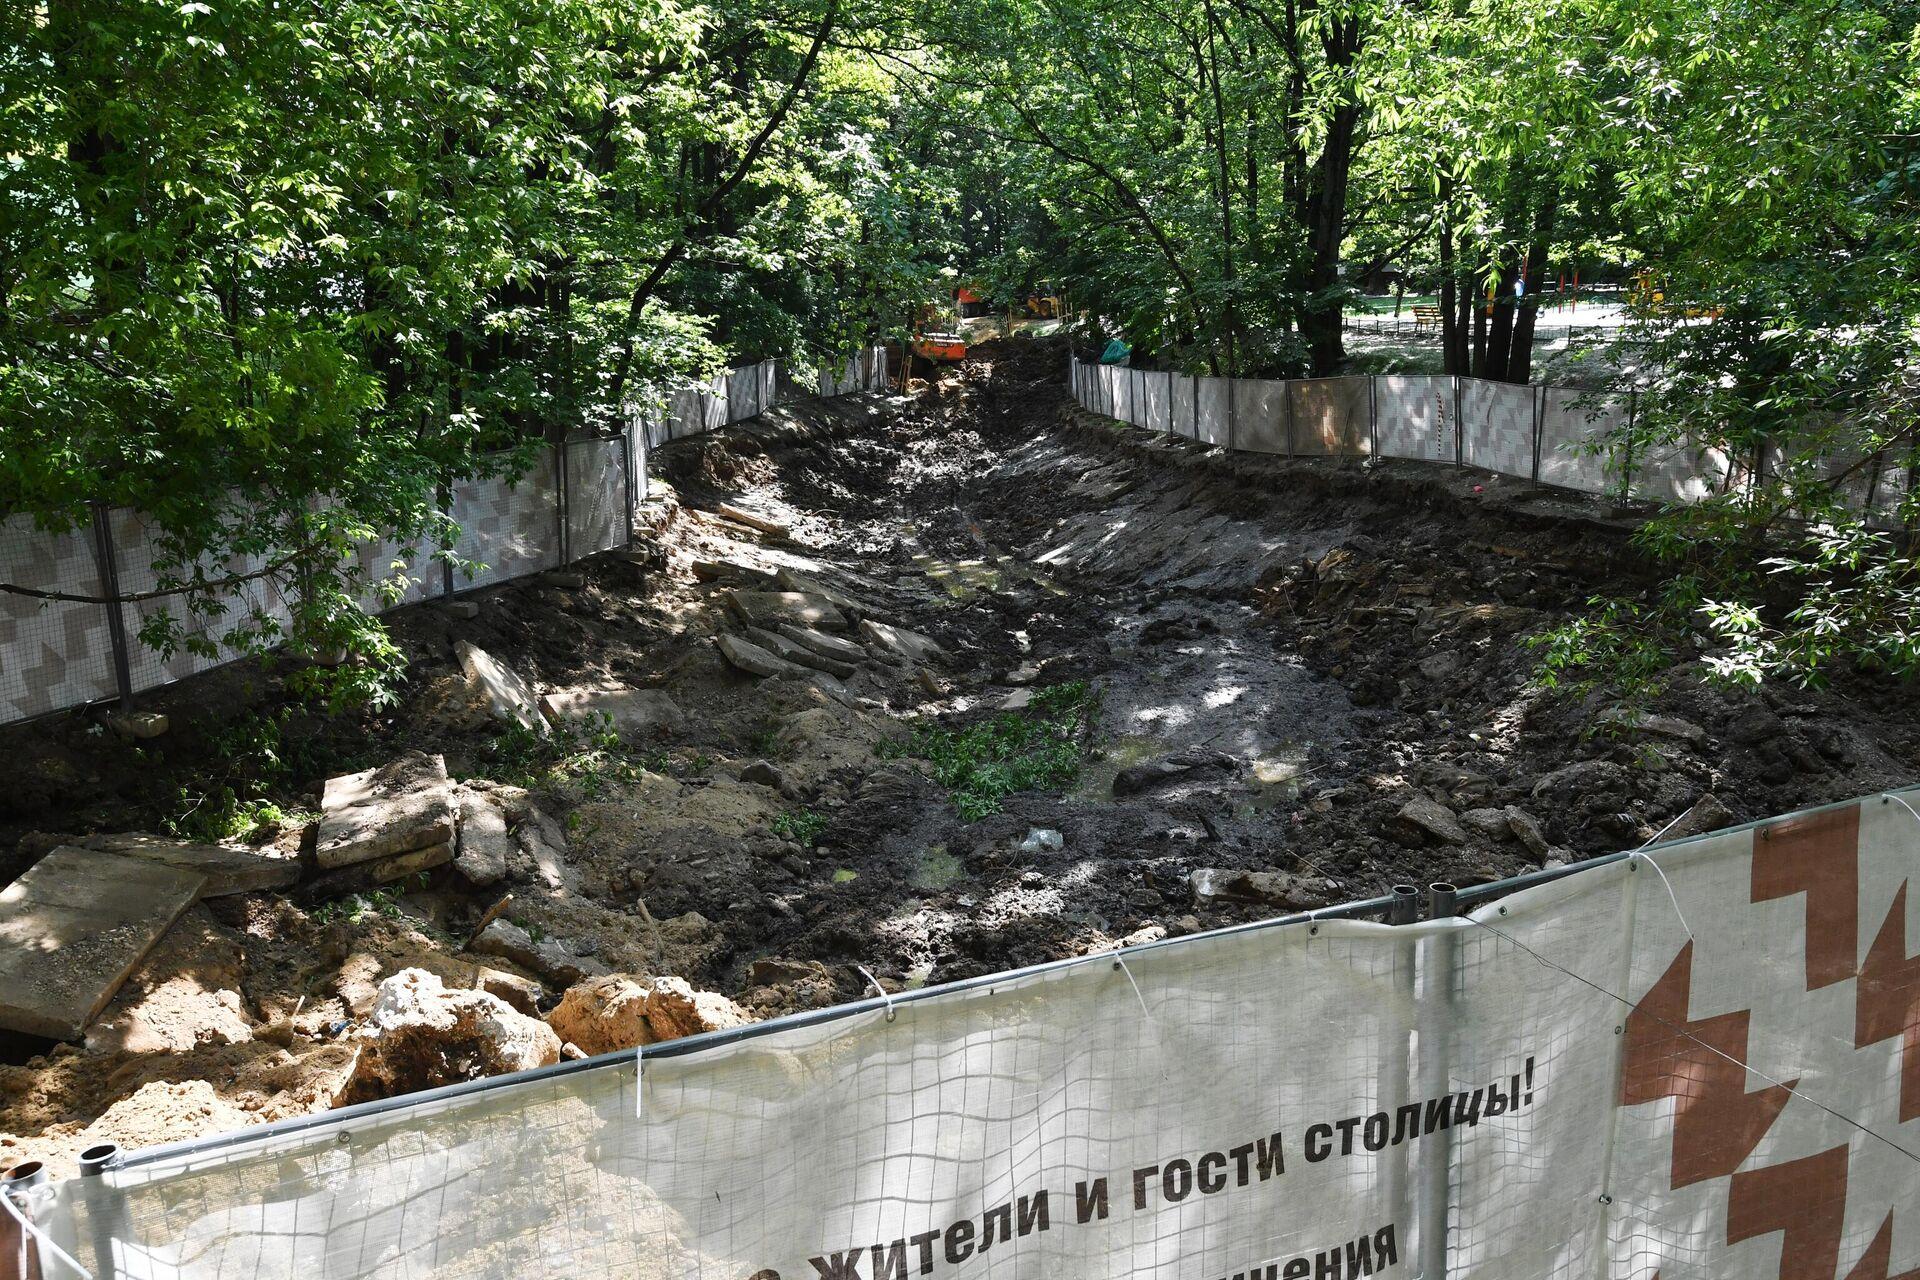 Высушенный пруд на Юго-Западе Москвы - РИА Новости, 1920, 25.06.2021